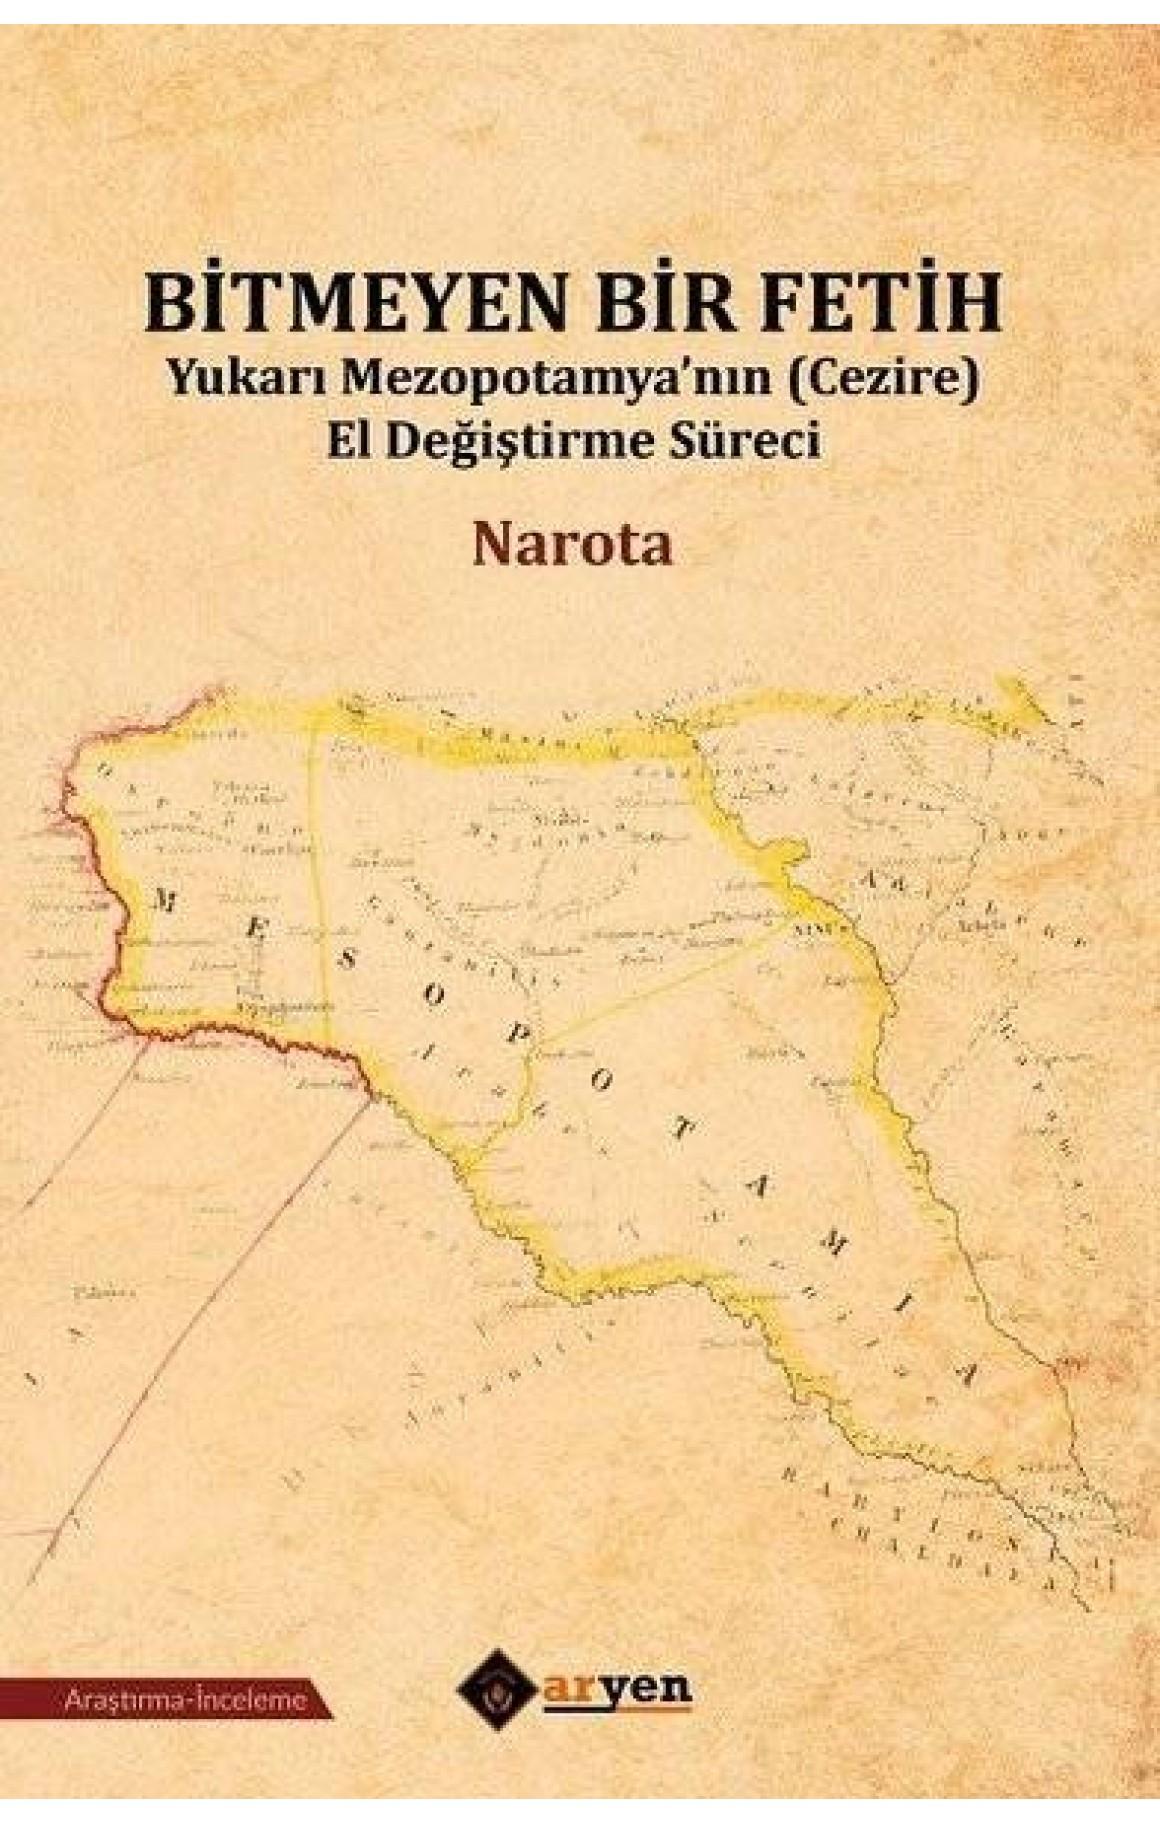 Bitmeyen Bir Fetih - Yukarı Mezopotamyanın El Değiştirme Süreci